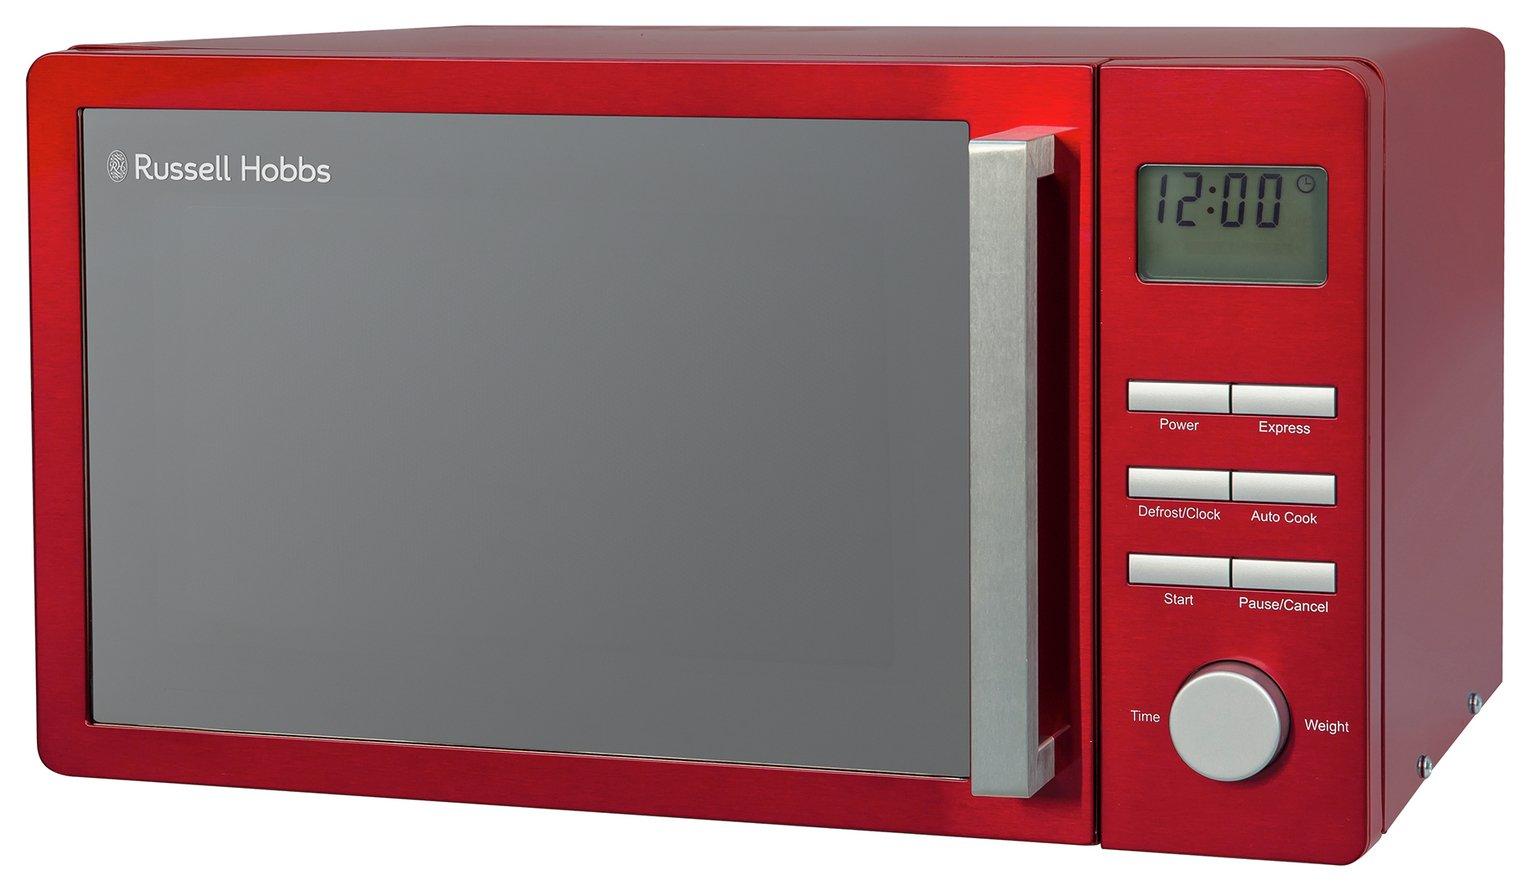 Russell Hobbs Luna 800W Standard Microwave RHMDL801R - Red